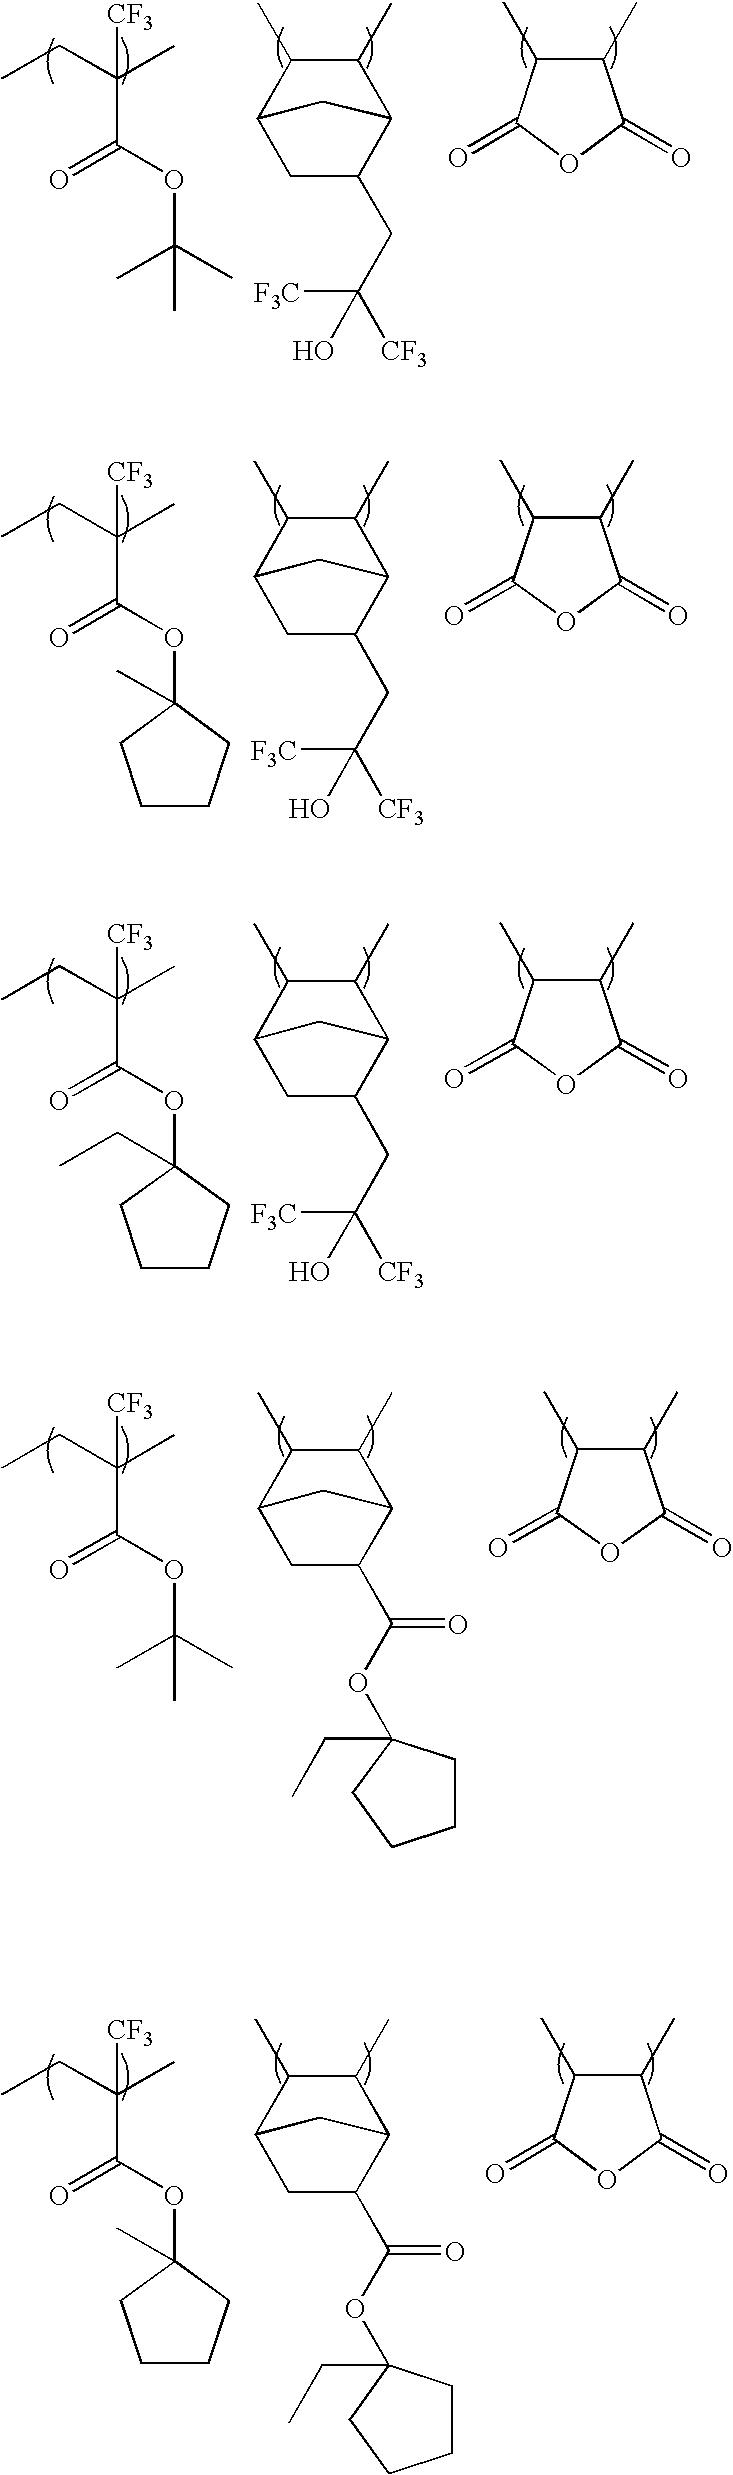 Figure US20090280434A1-20091112-C00058